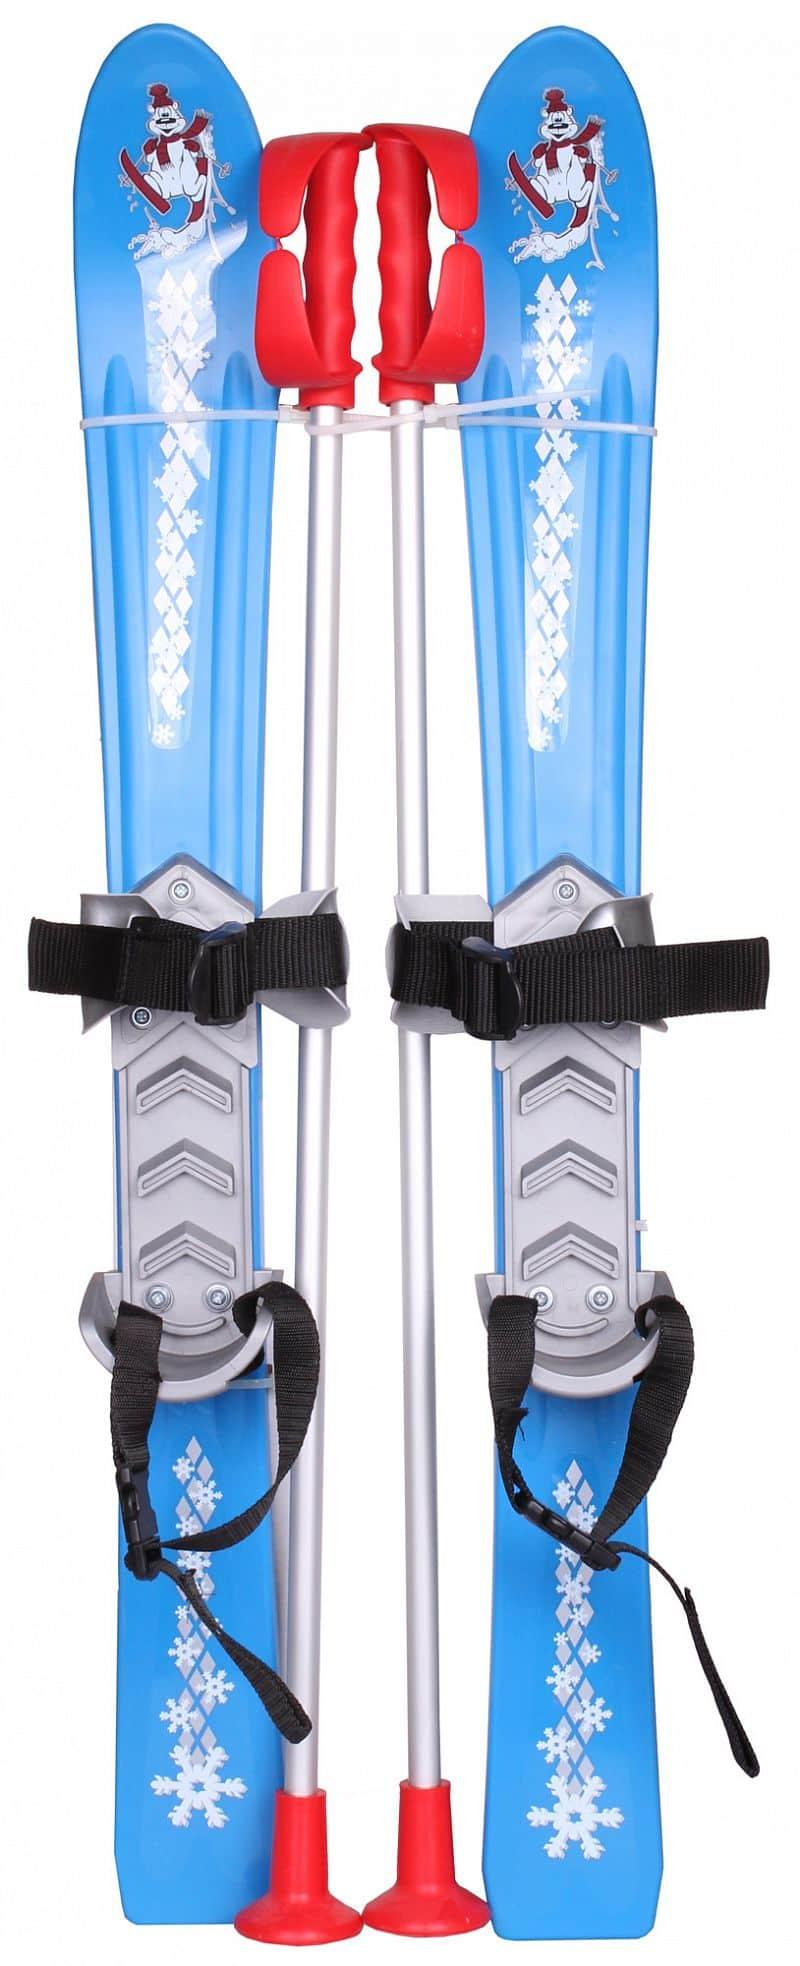 dětské mini lyže Baby Ski 70 cm plastové, s hůlkami barva: červená